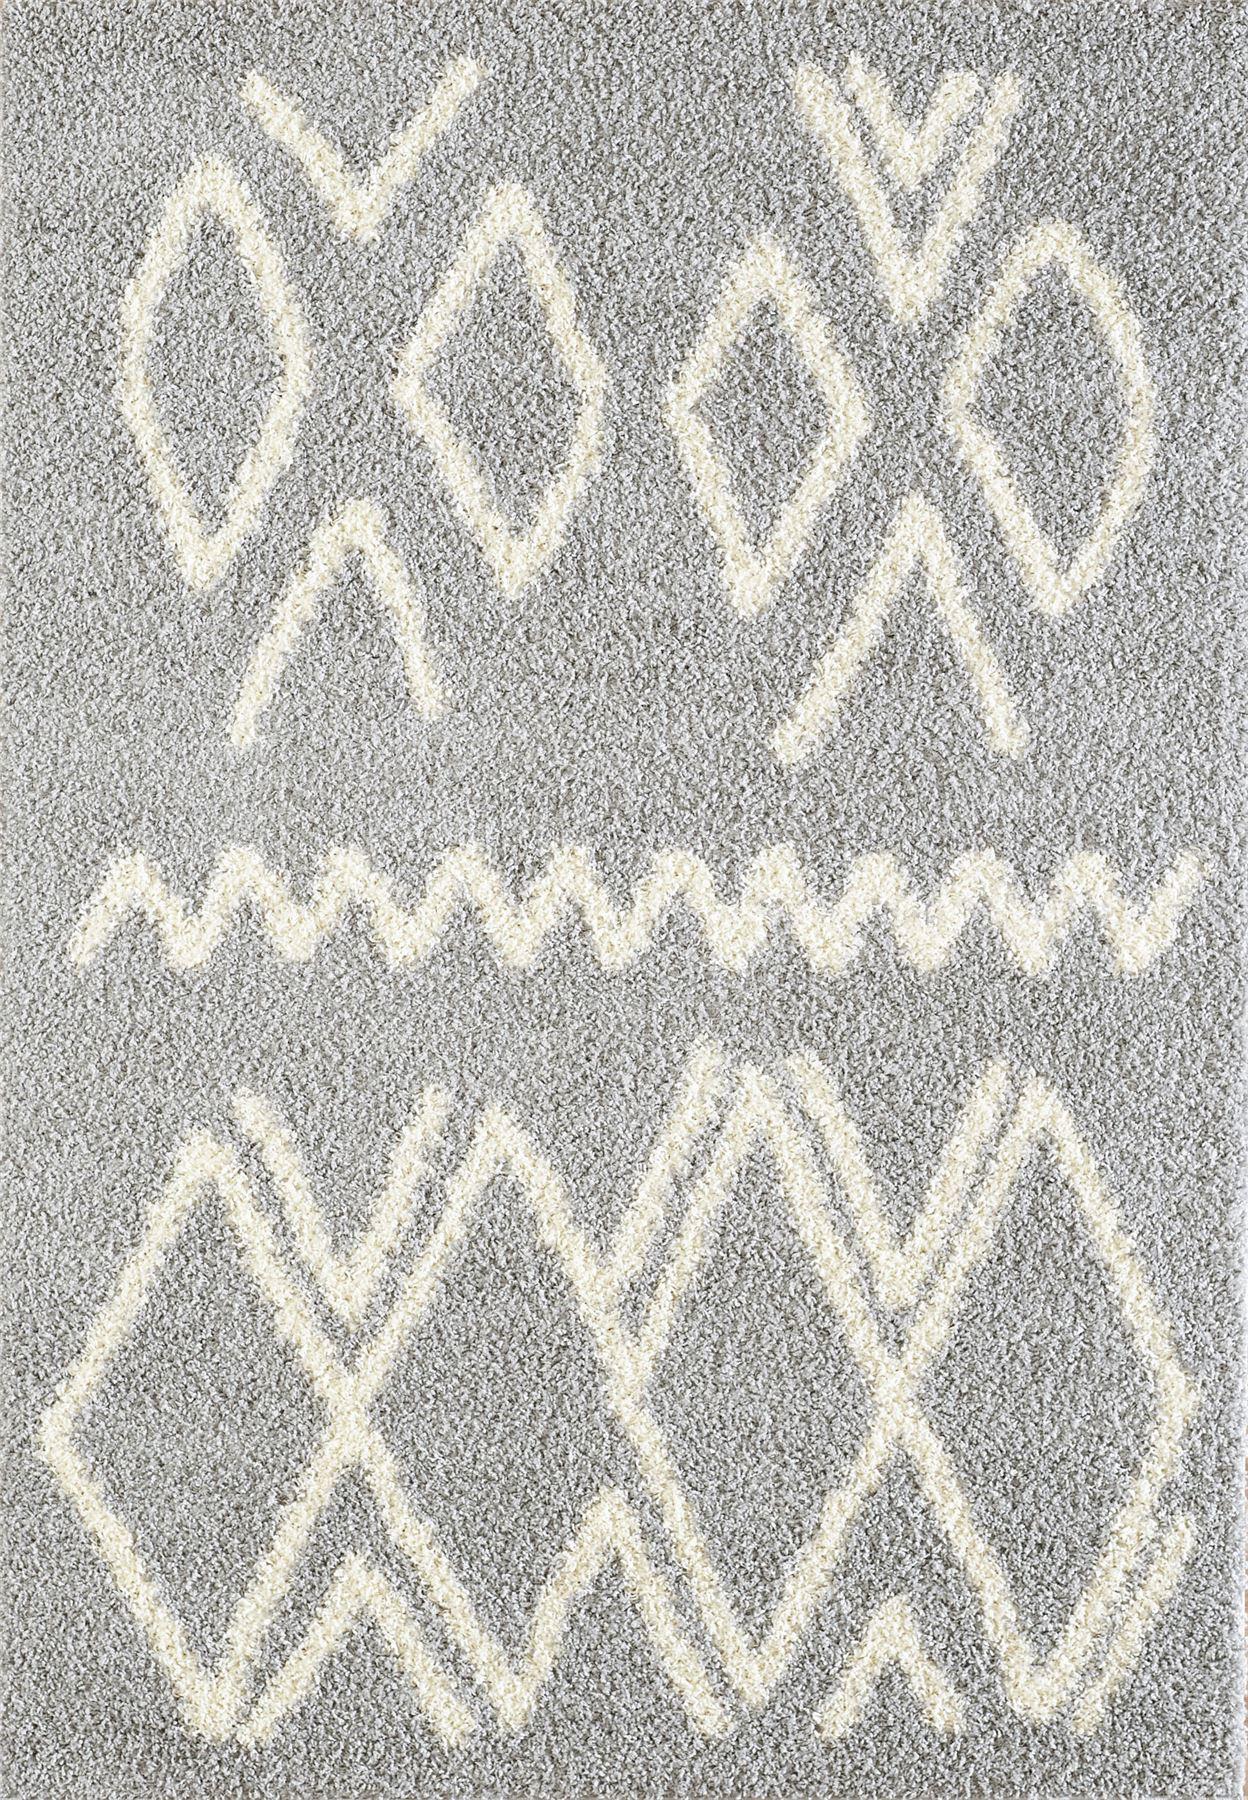 Tappeto-A2Z-Nero-Grigio-Avorio-tradizionale-marocchina-Shaggy-Berber-Boho-Tribal-3cm-Pile miniatura 60